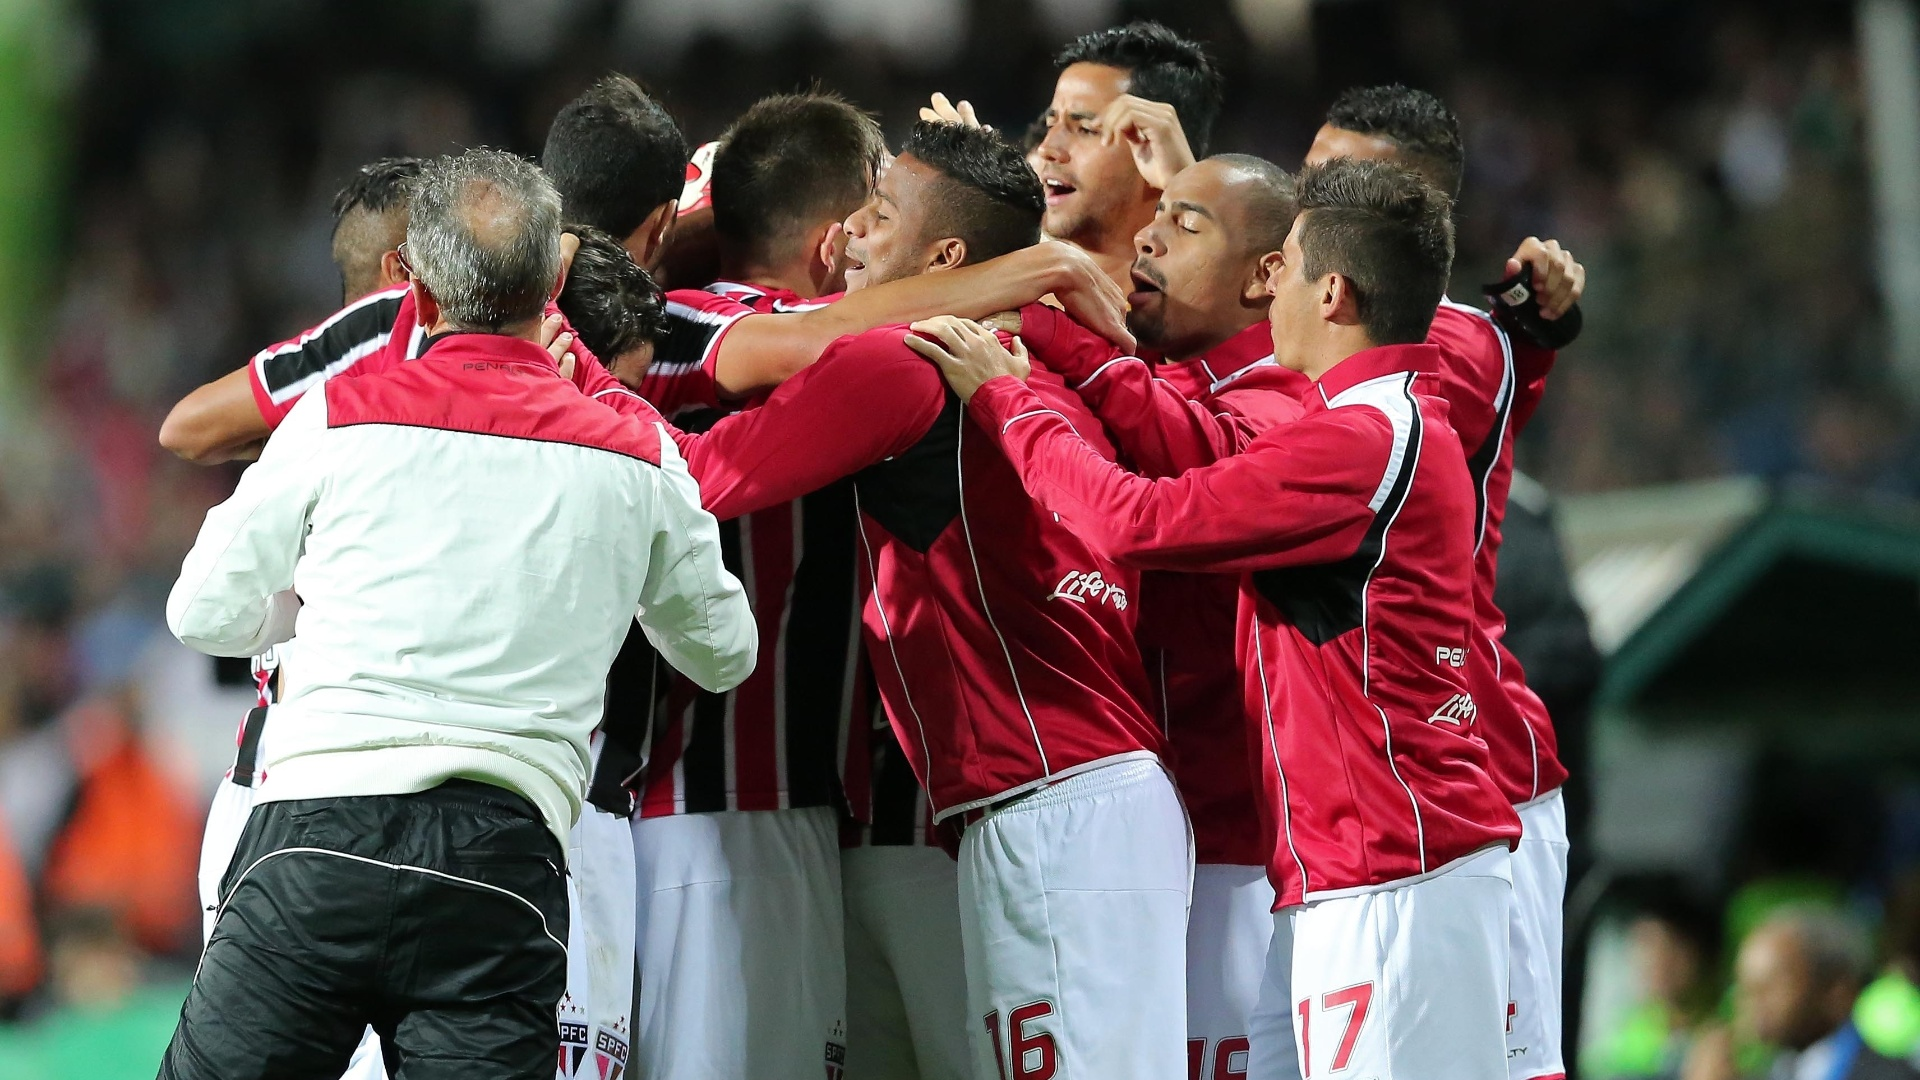 Jogadores do São Paulo comemoram gol contra o Coritiba pelo Brasileirão